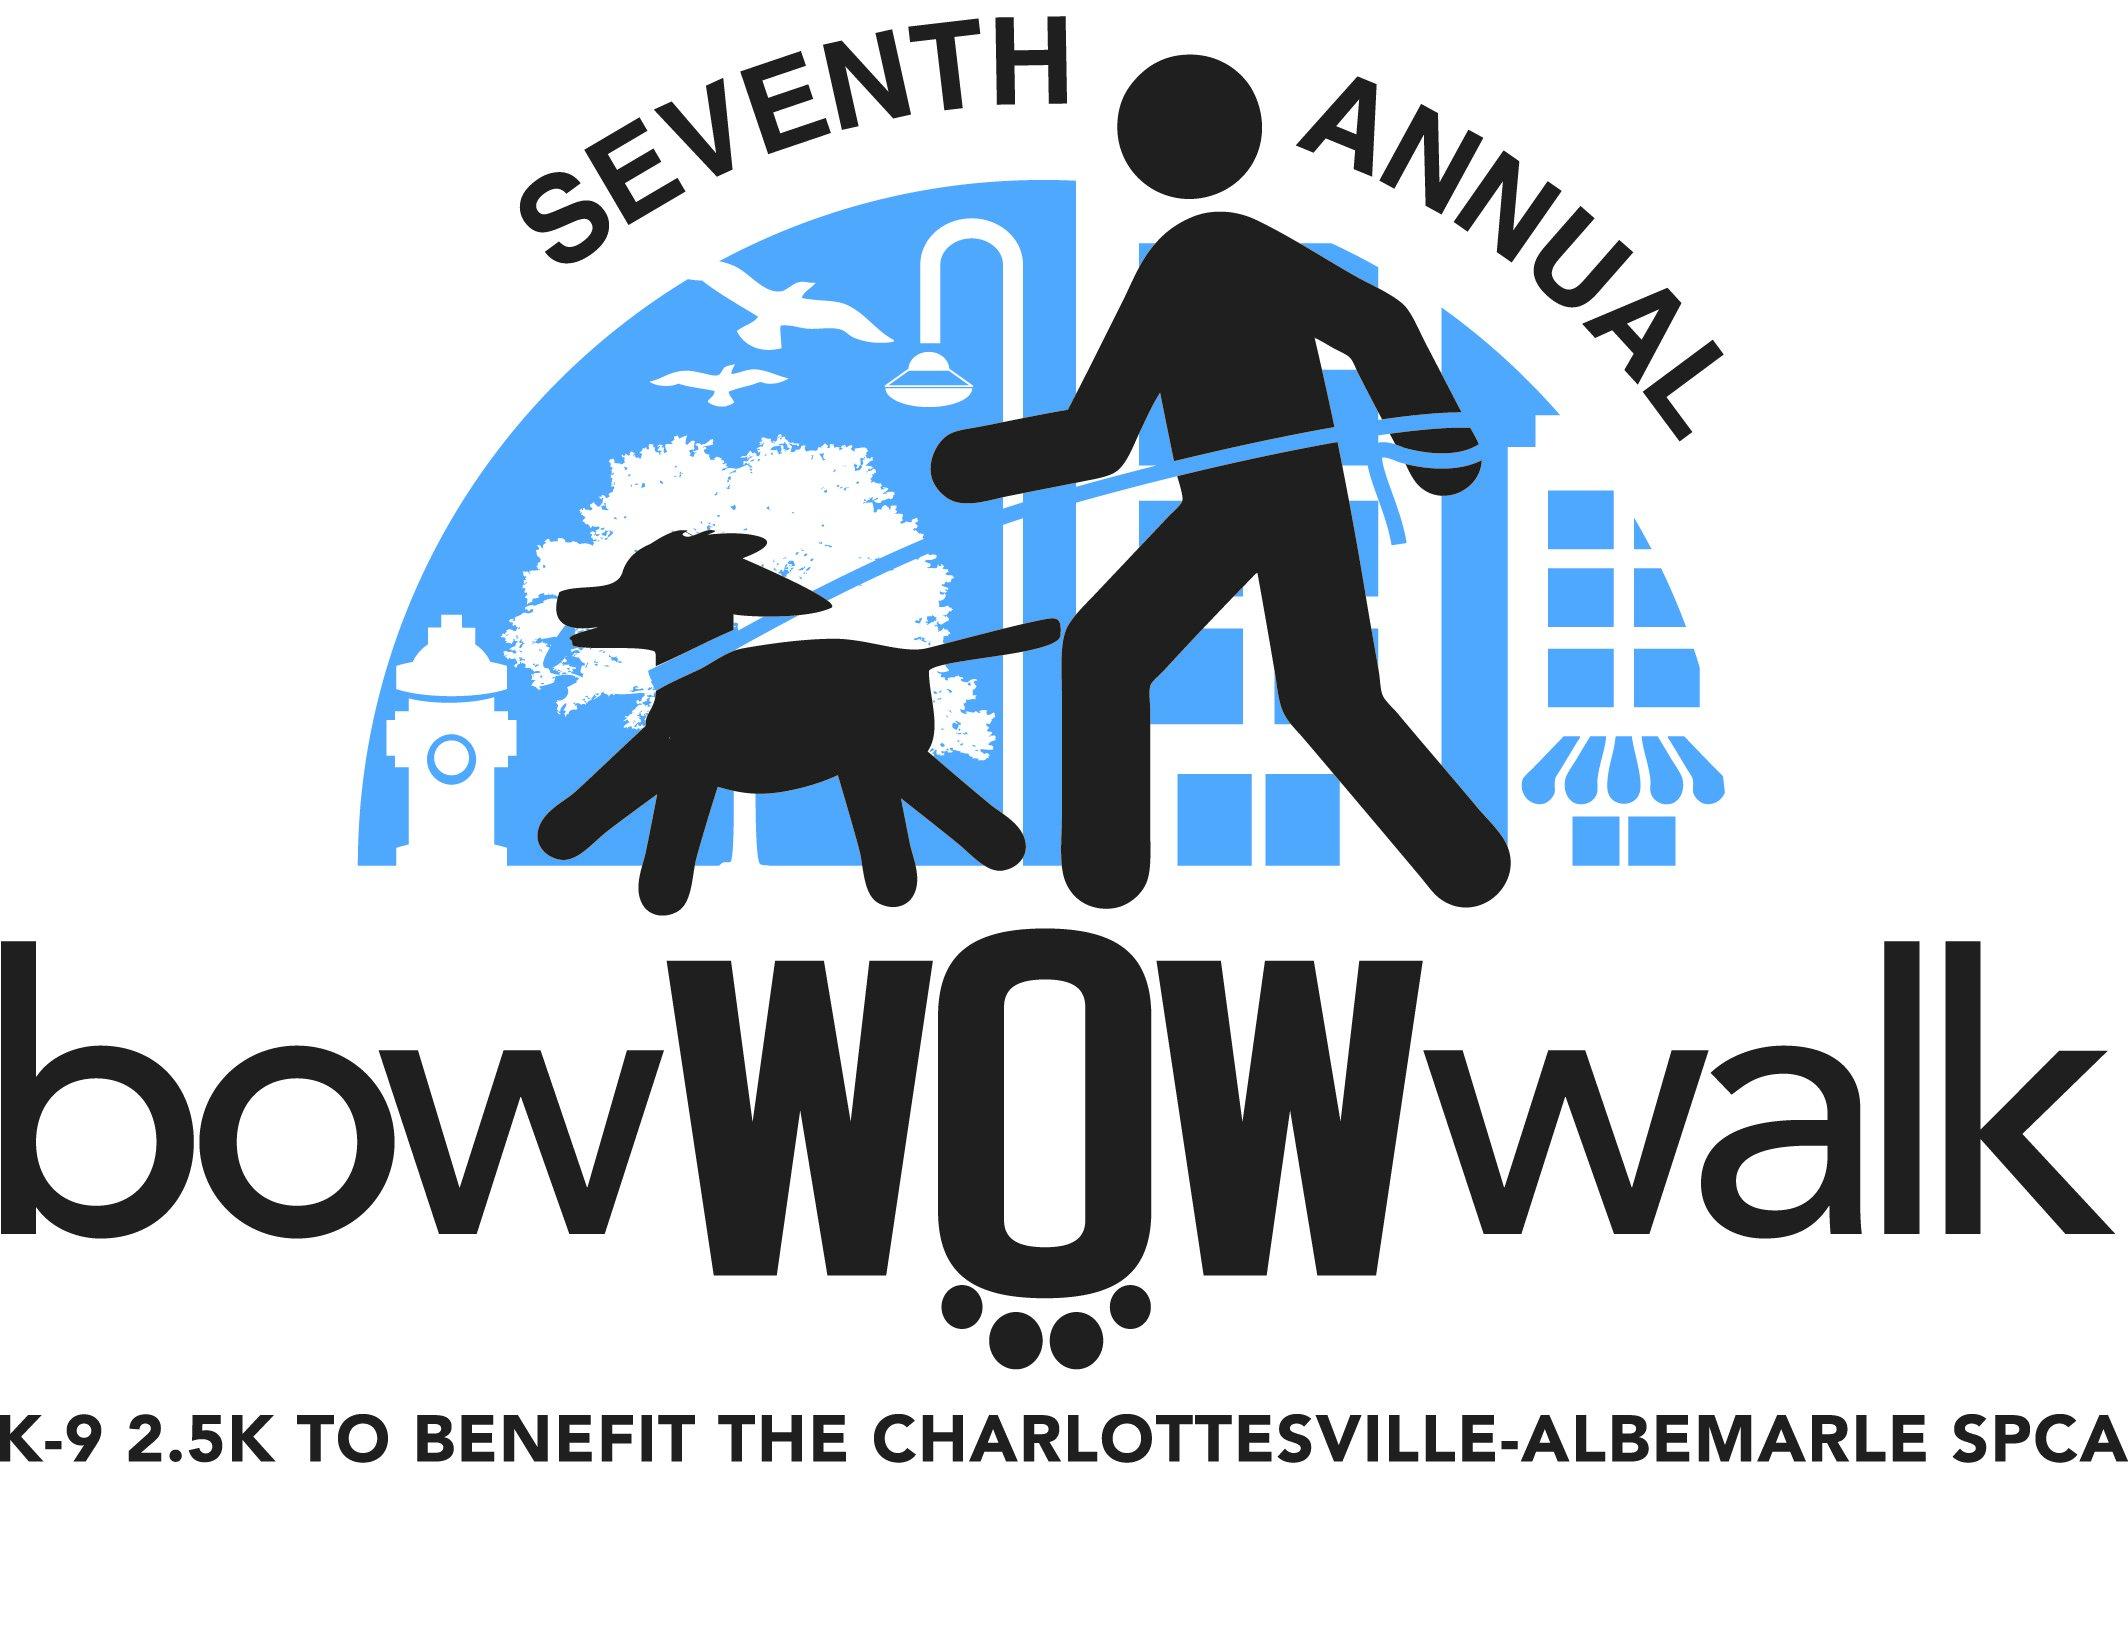 bow WOW walk (4/18)